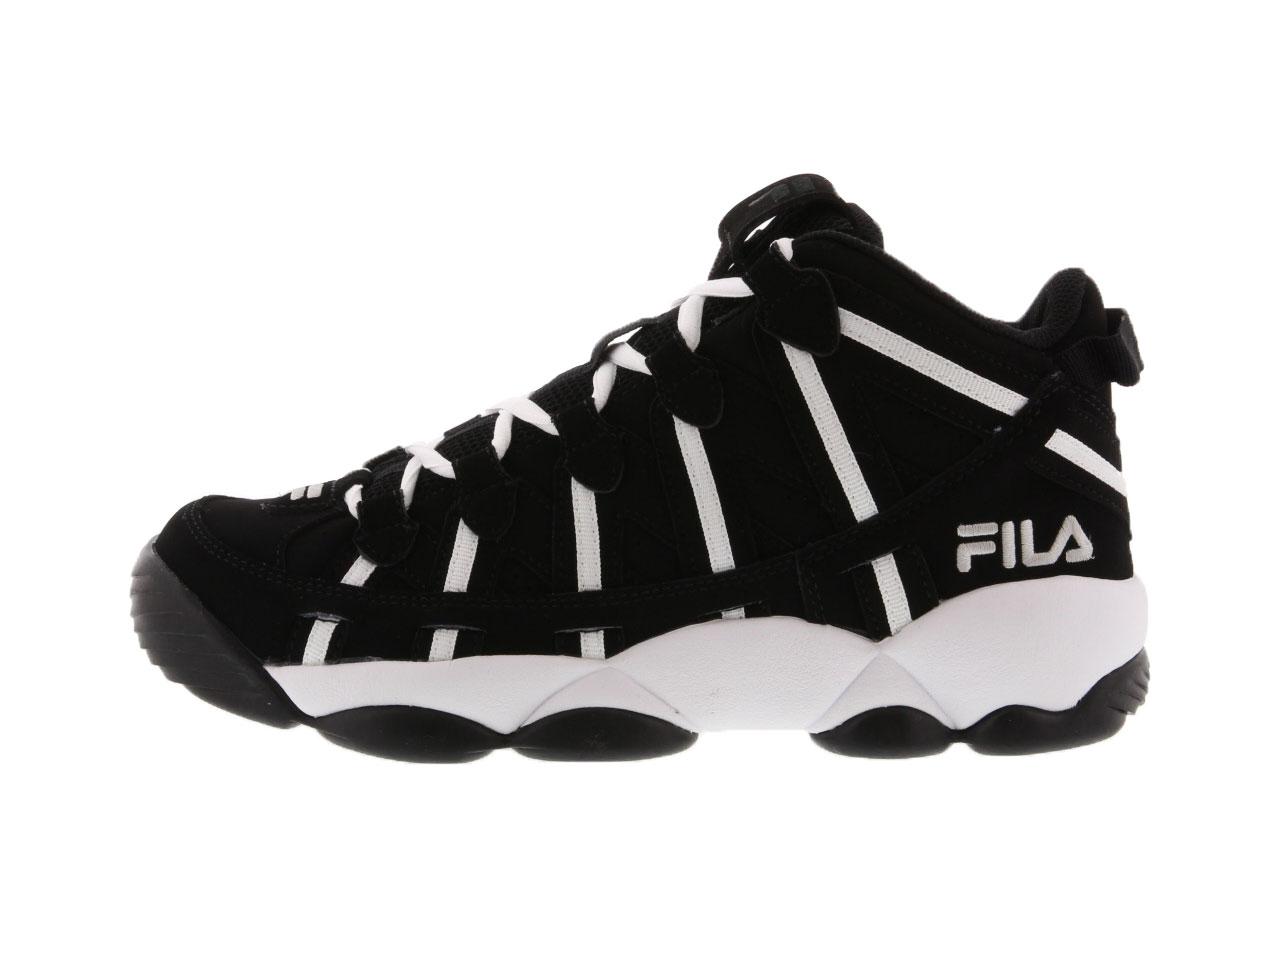 FILA SPAGHETTI(F0206-0019)【フィラ スパゲティ―】【シューズ】【スニーカー】【靴】【フットウェア】